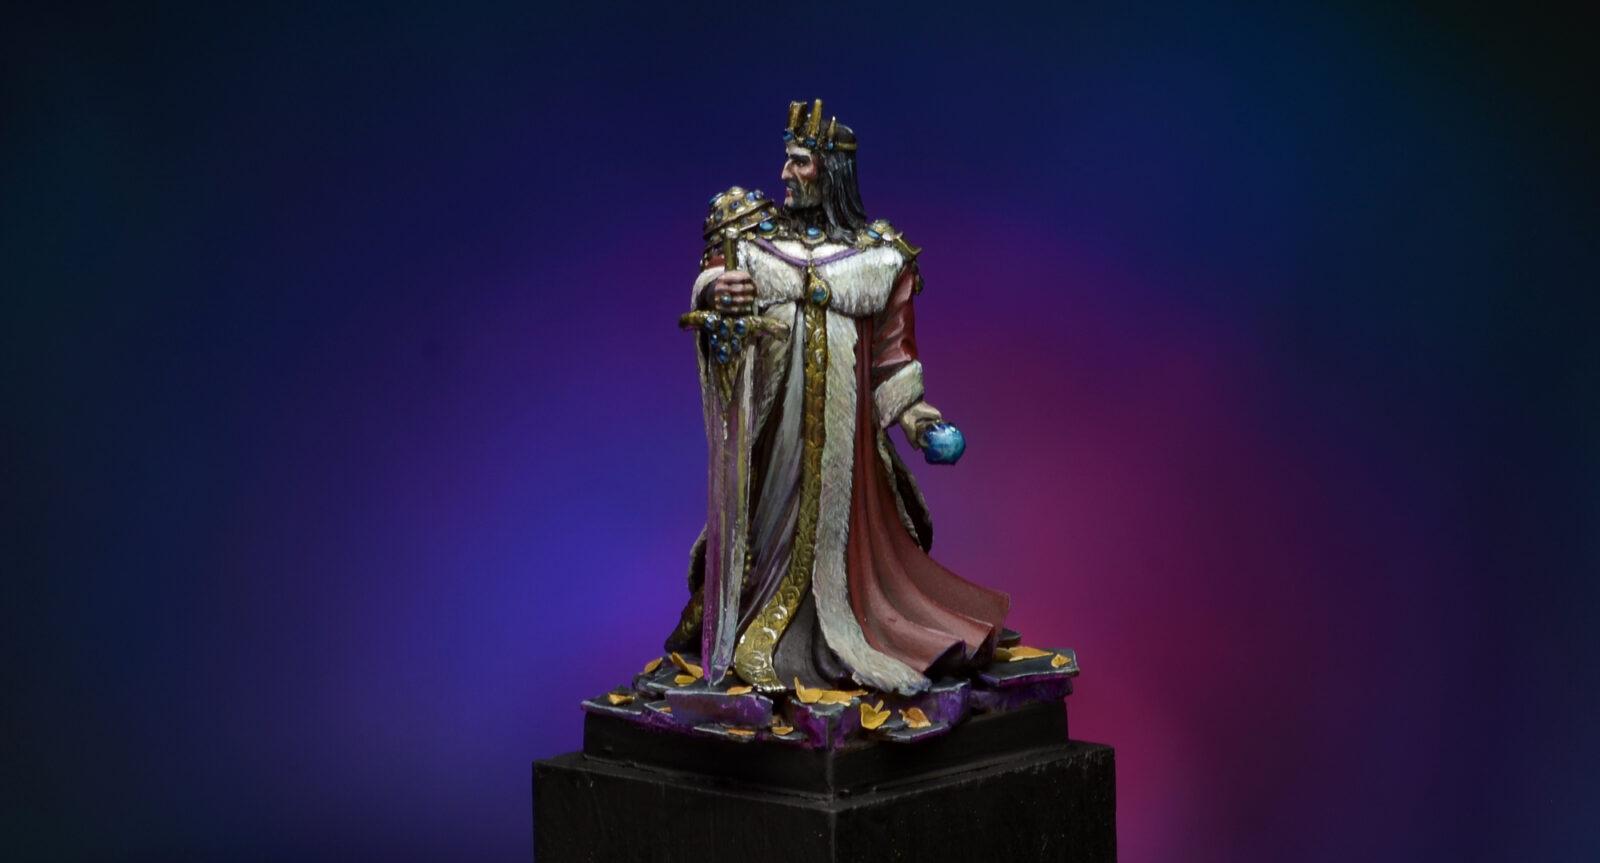 Emperor6